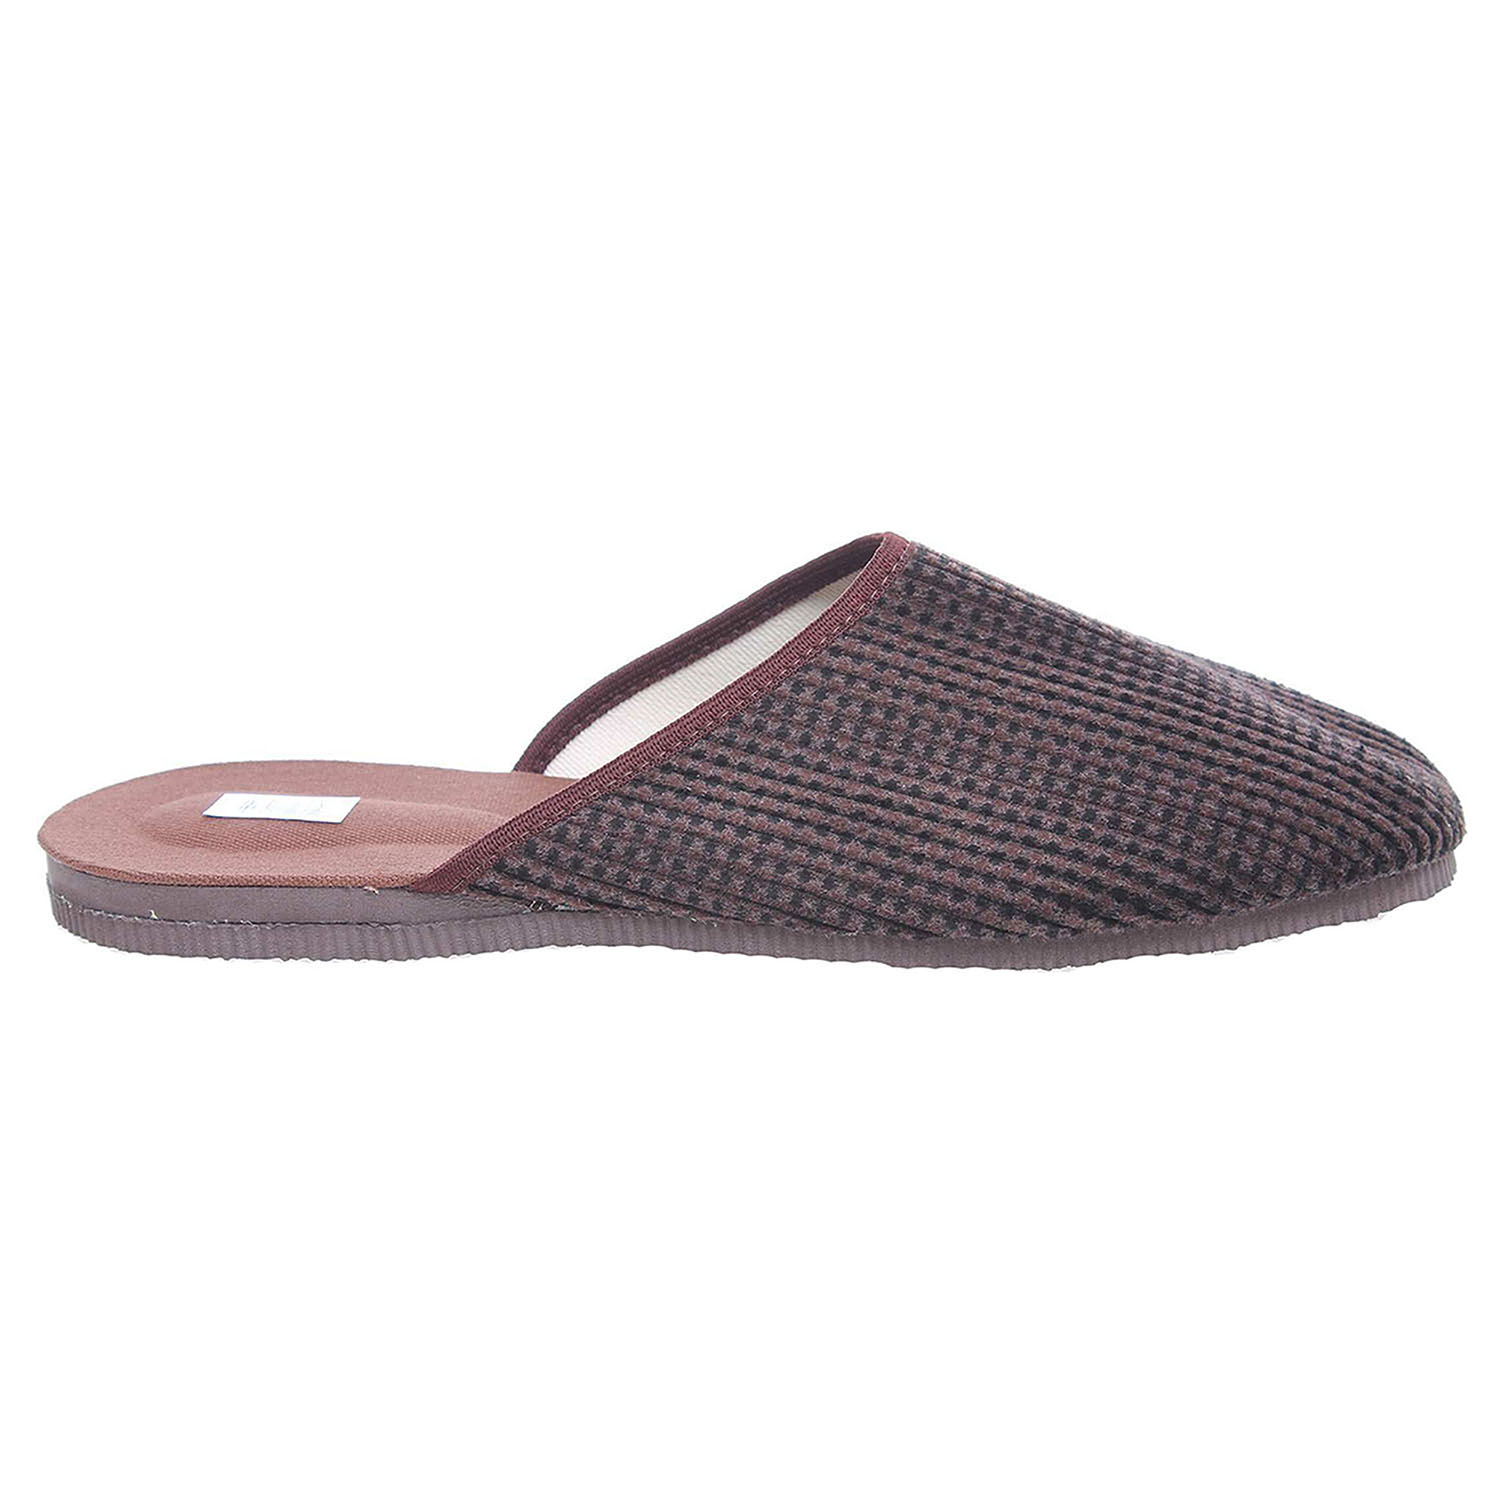 Ecco Pánské domácí pantofle 1009.00 hnědá-černá 24800137